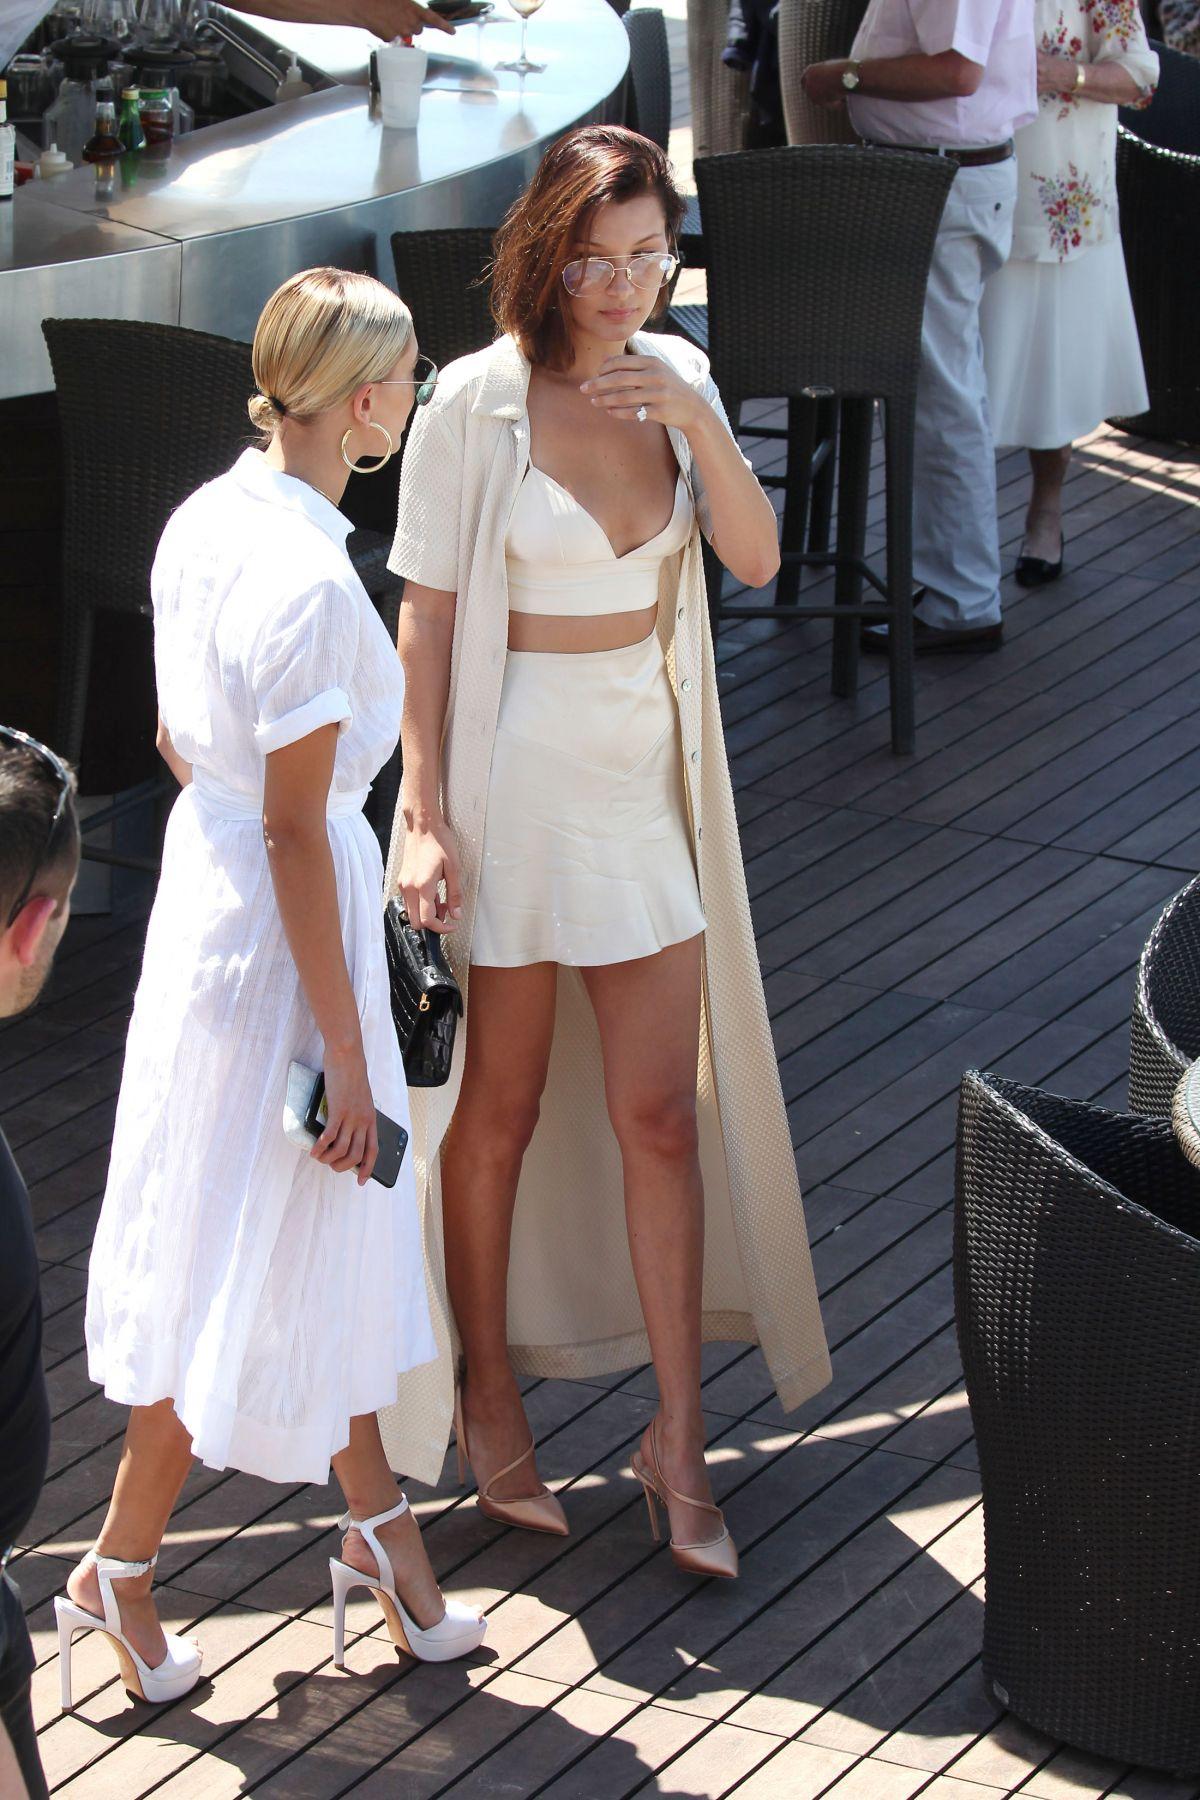 Mặc đẹp như Bella Hadid và Hailey Bieber với trang phục trắng